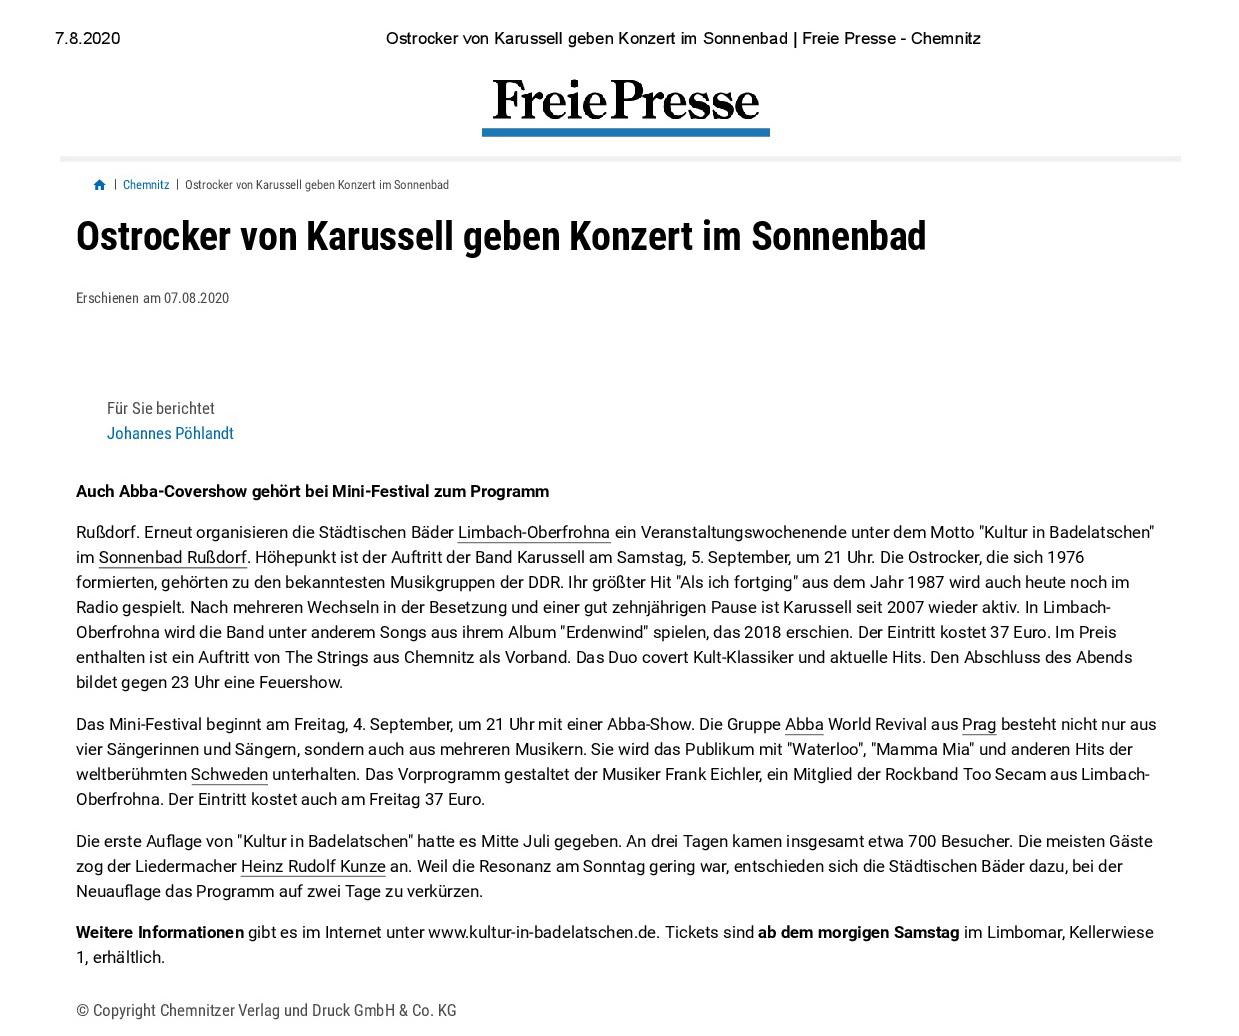 2020.08.07_Freie_Presse_Konzert-im-Sonnenbad